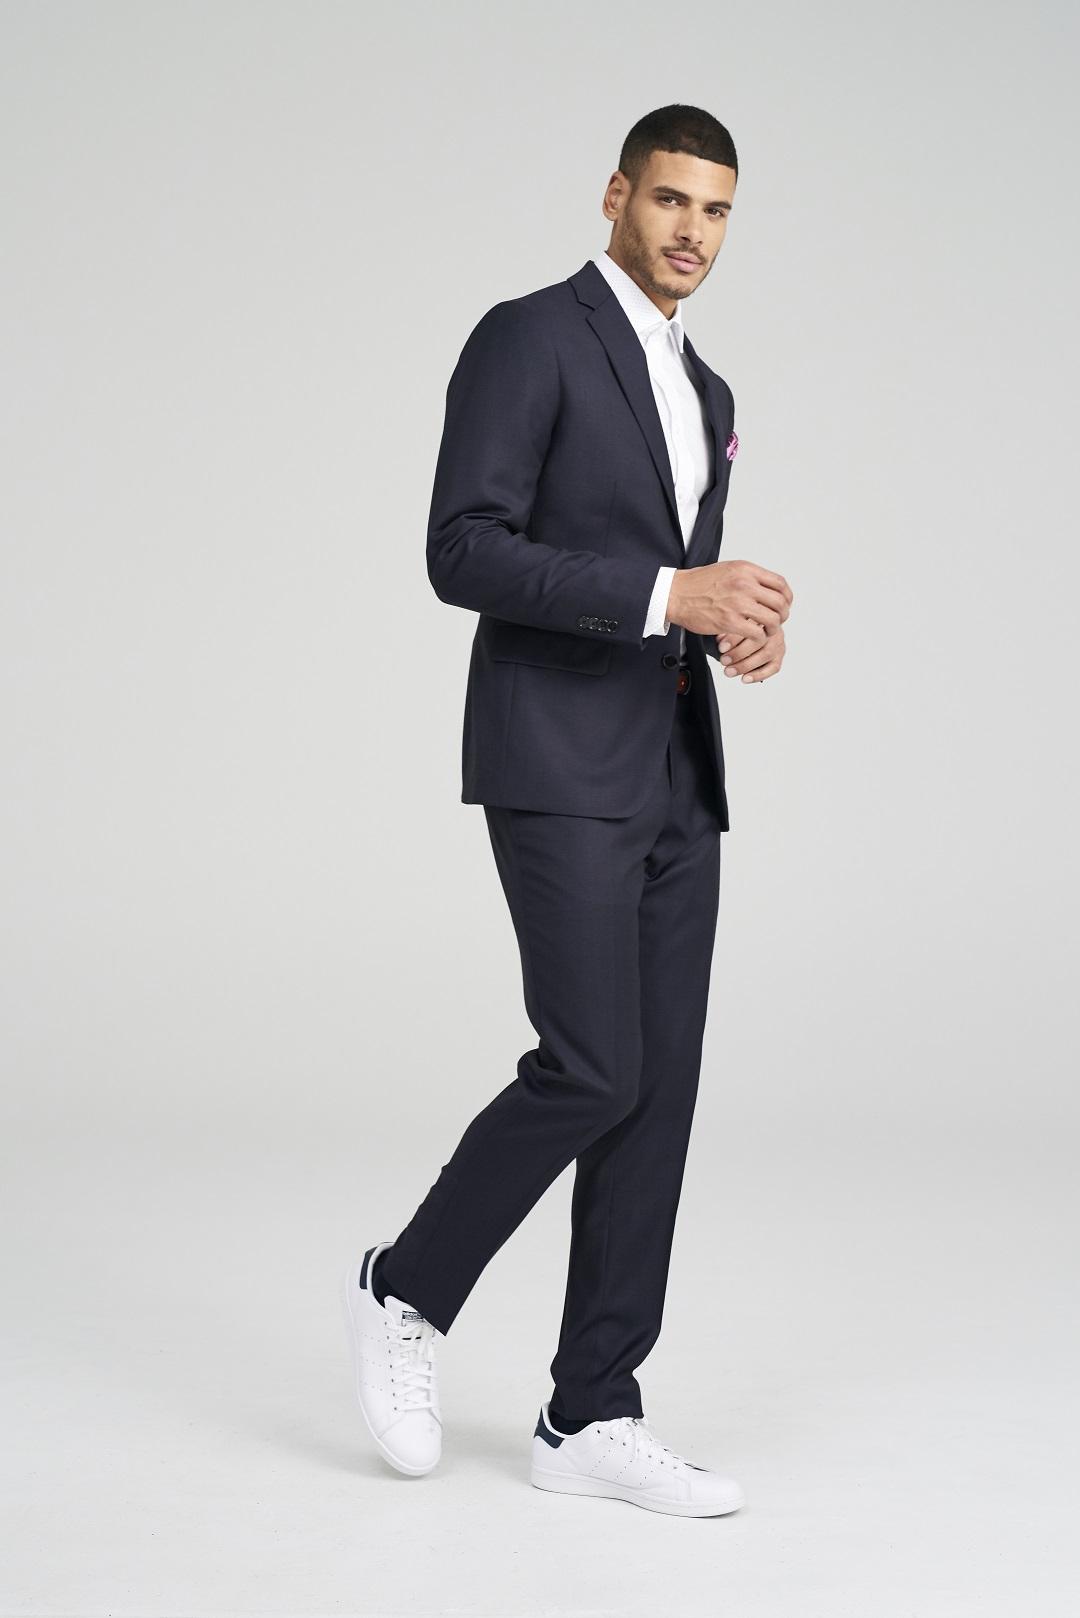 Malvern Burgundy Suit